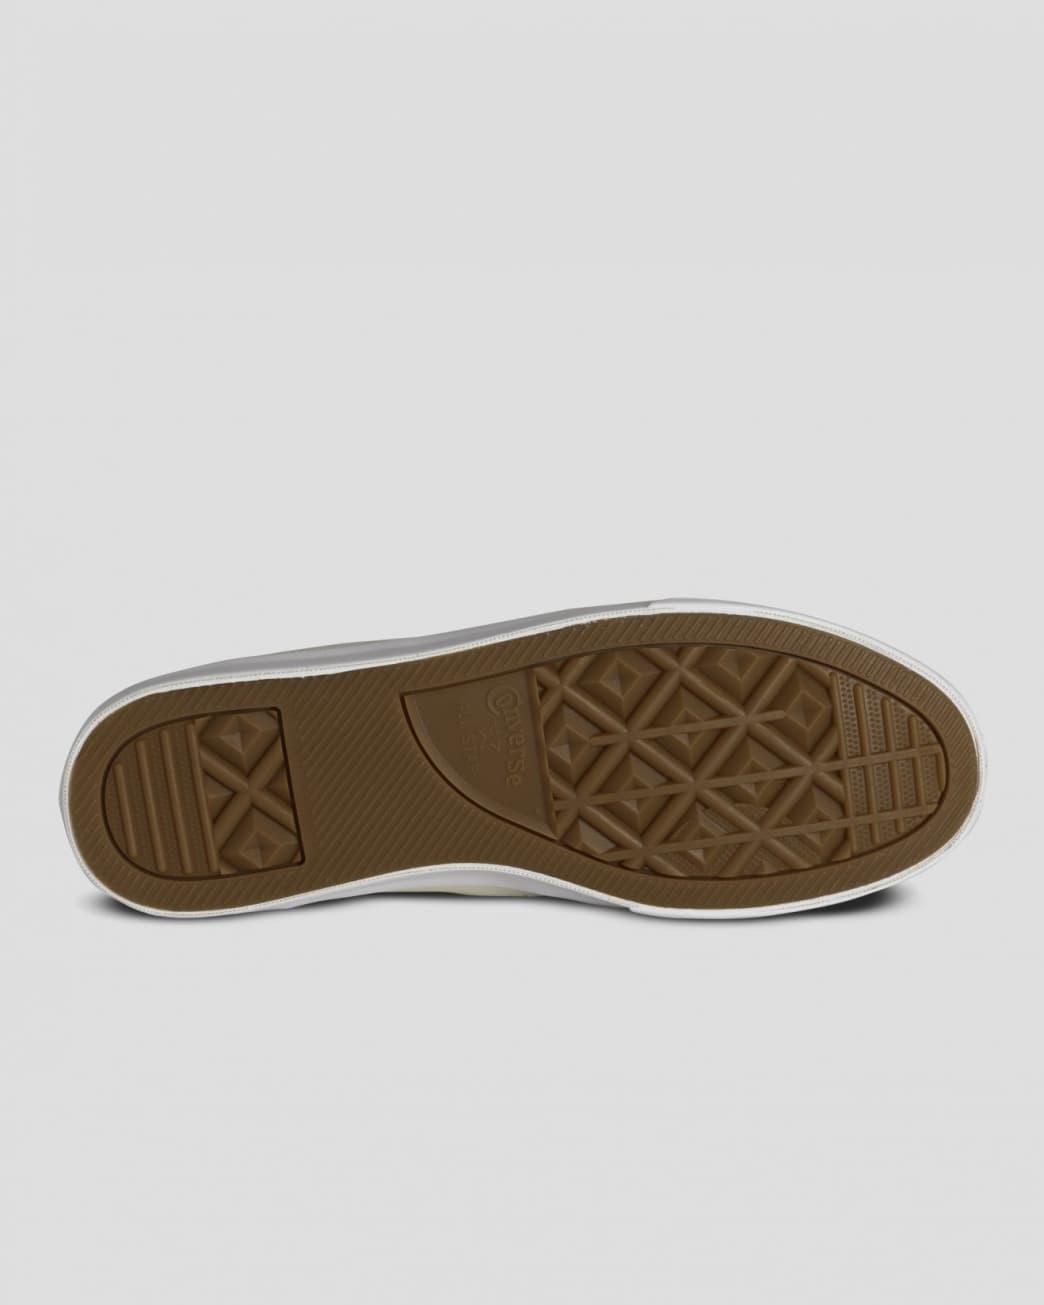 Converse CONS Louie Lopez Pro Leather Low Top Shoe - Egret | Shoes by Converse Cons 5